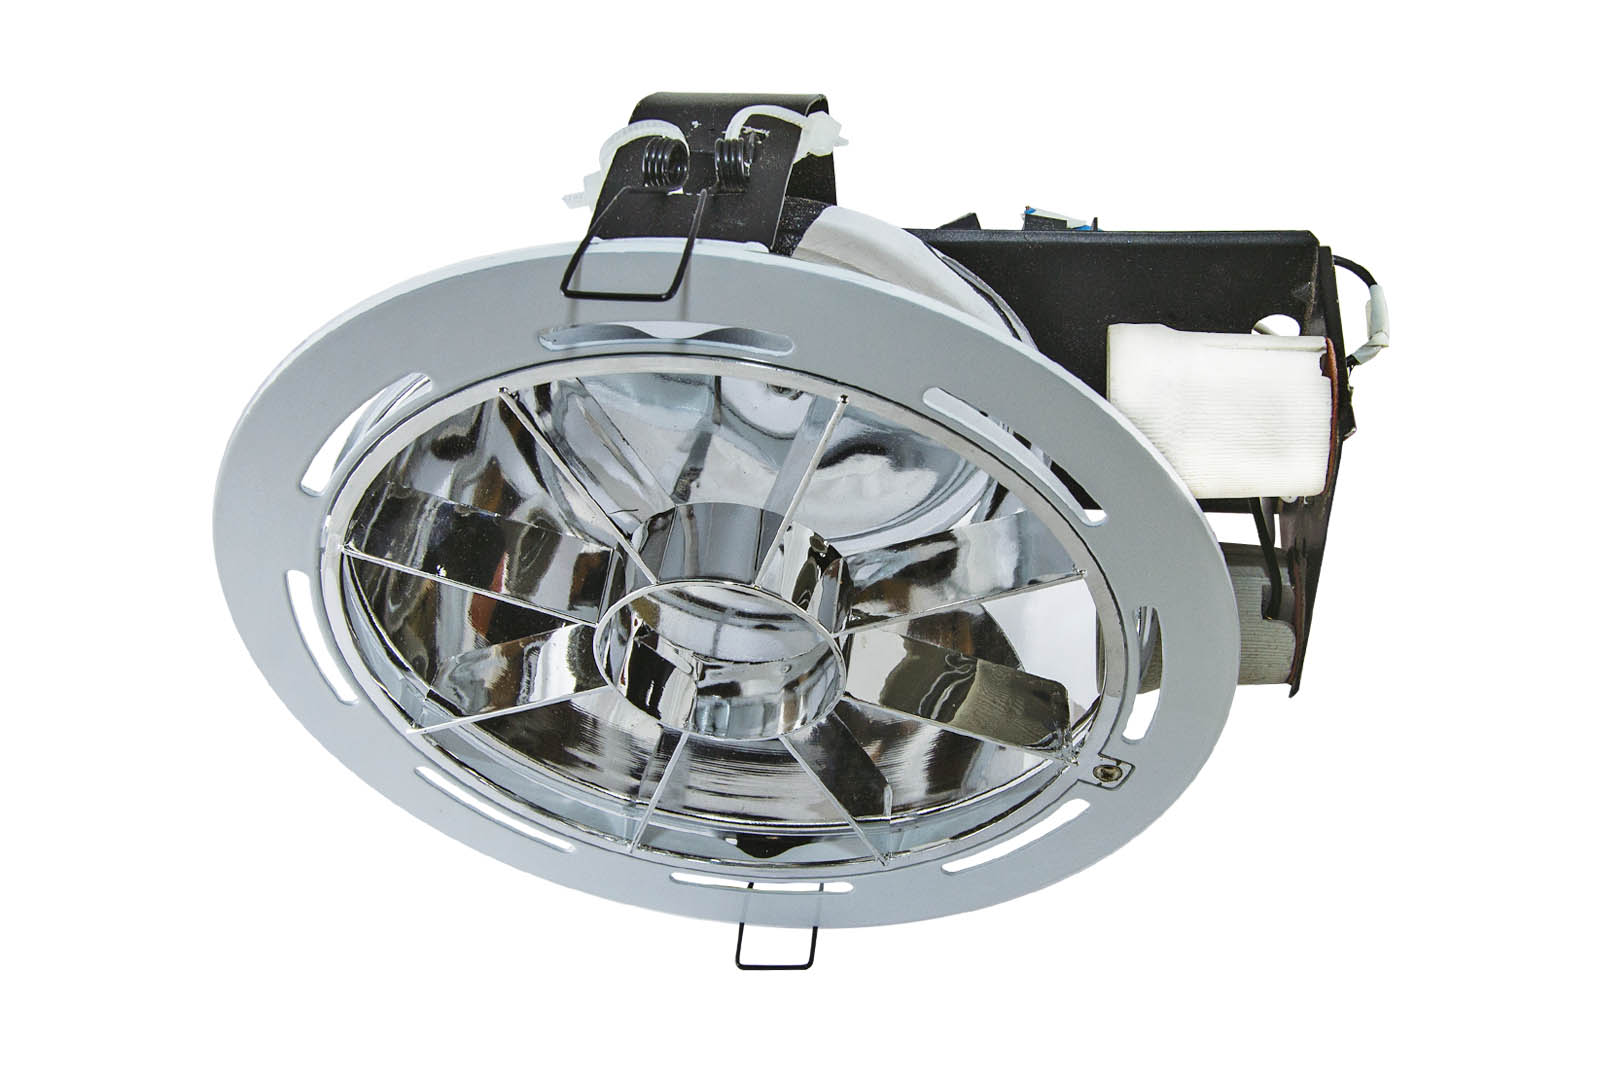 Светильник встраиваемый Tdm Sq0342-0023 светильник tdm sq0327 0023